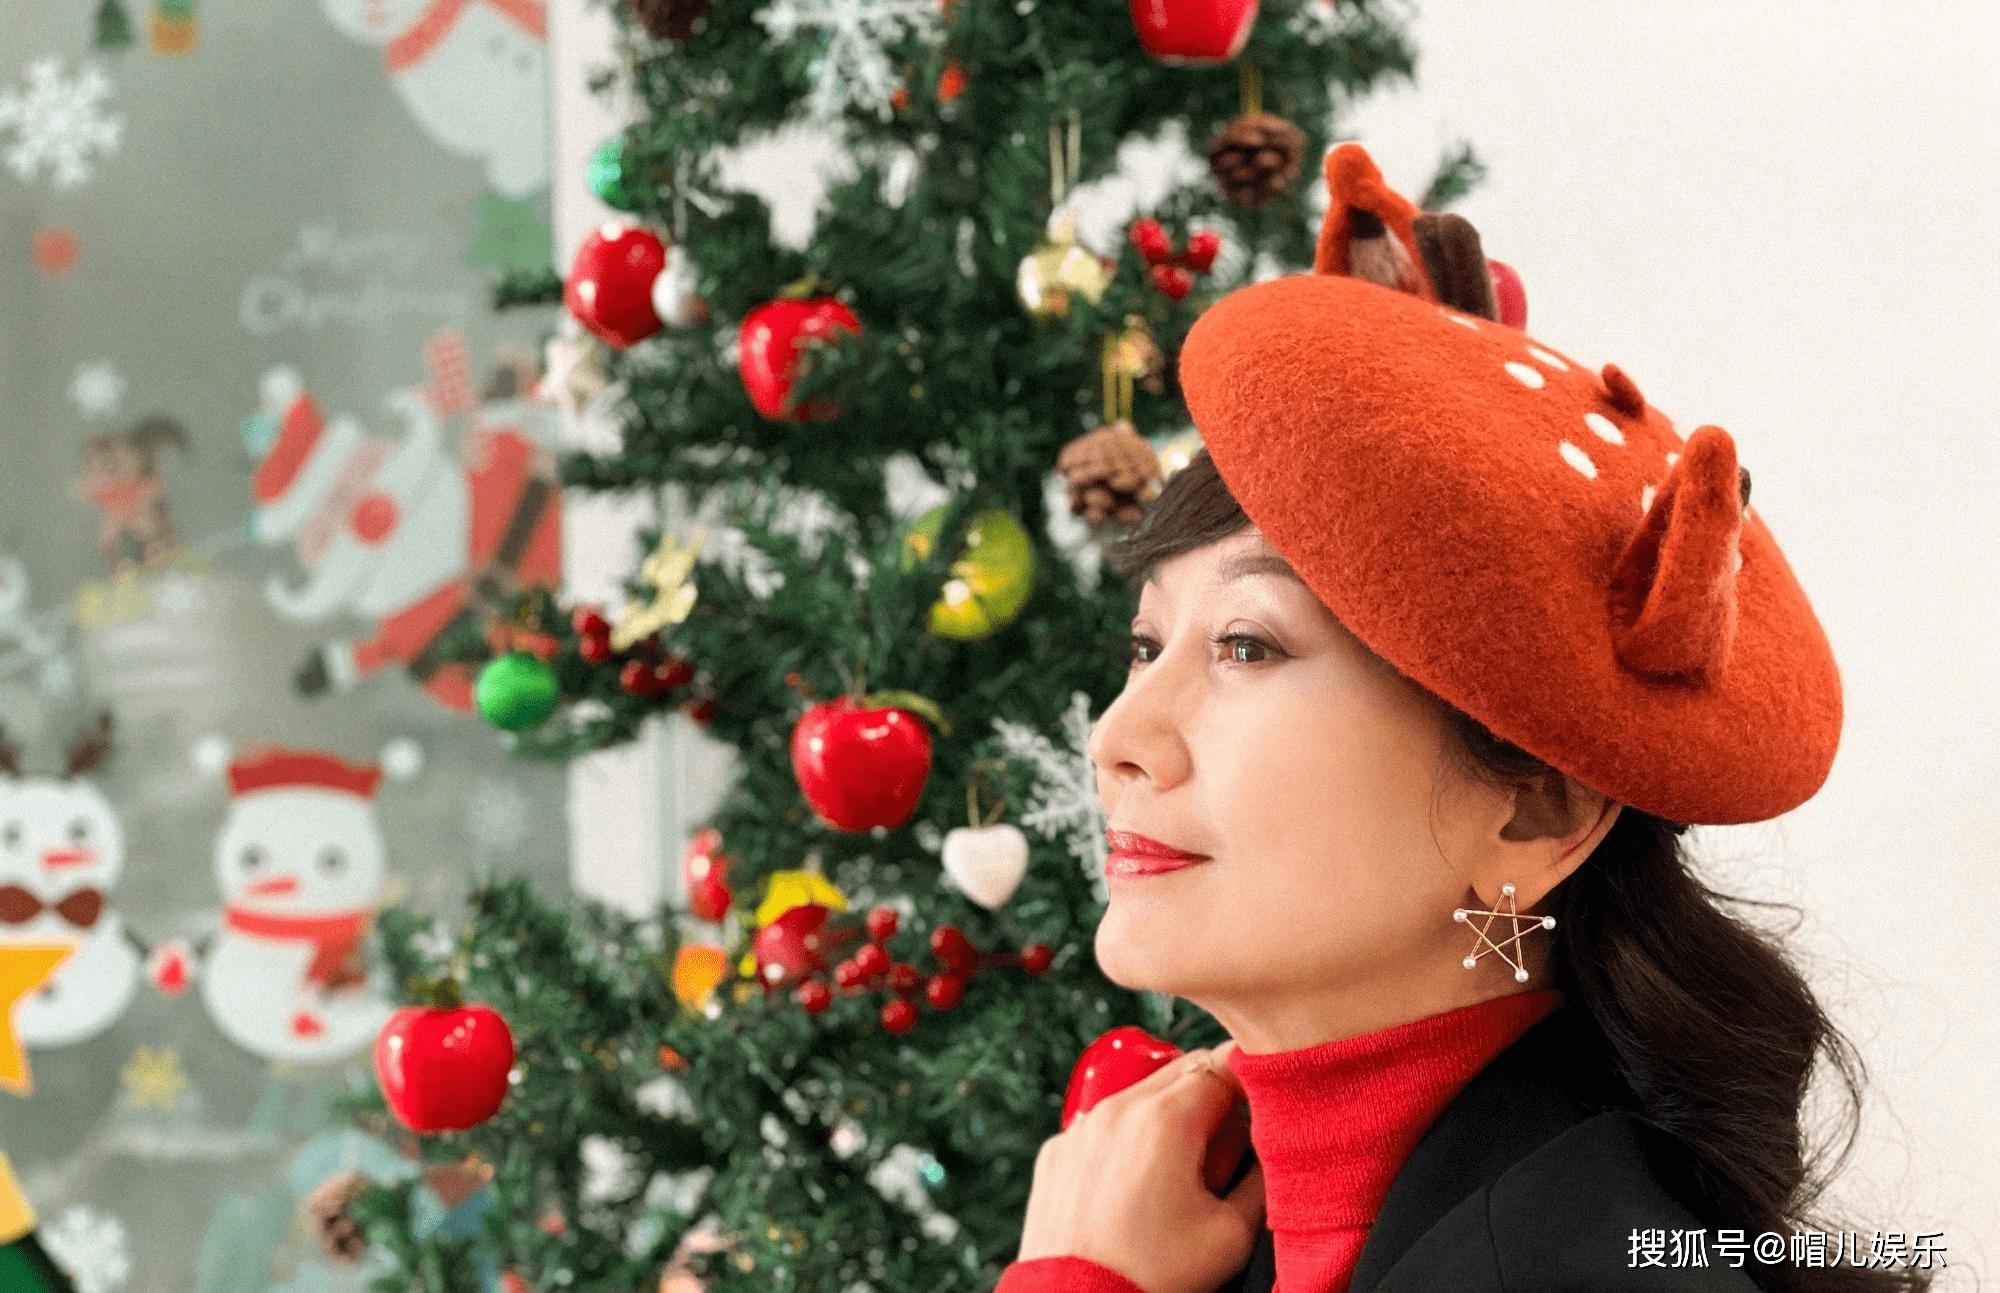 赵雅芝不惧年龄,66岁凹少女感,毛衣马甲搭贝雷帽,看着真年轻